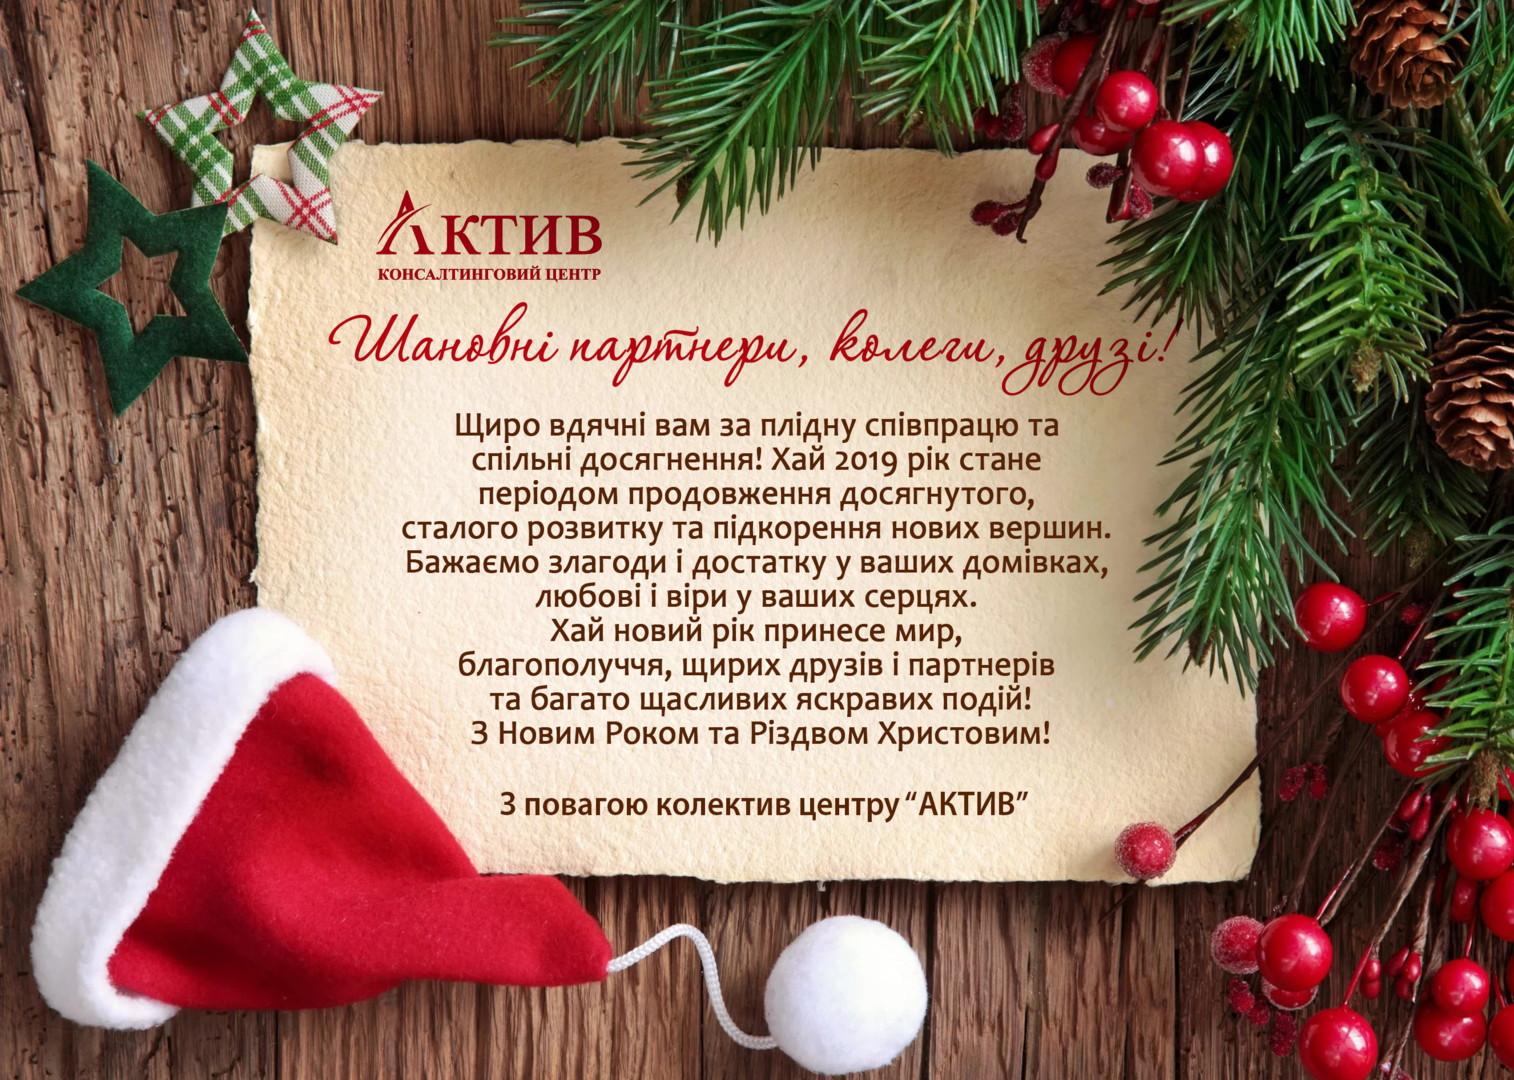 Щиро вітаємо з Новим роком та Різдвом Христовим!